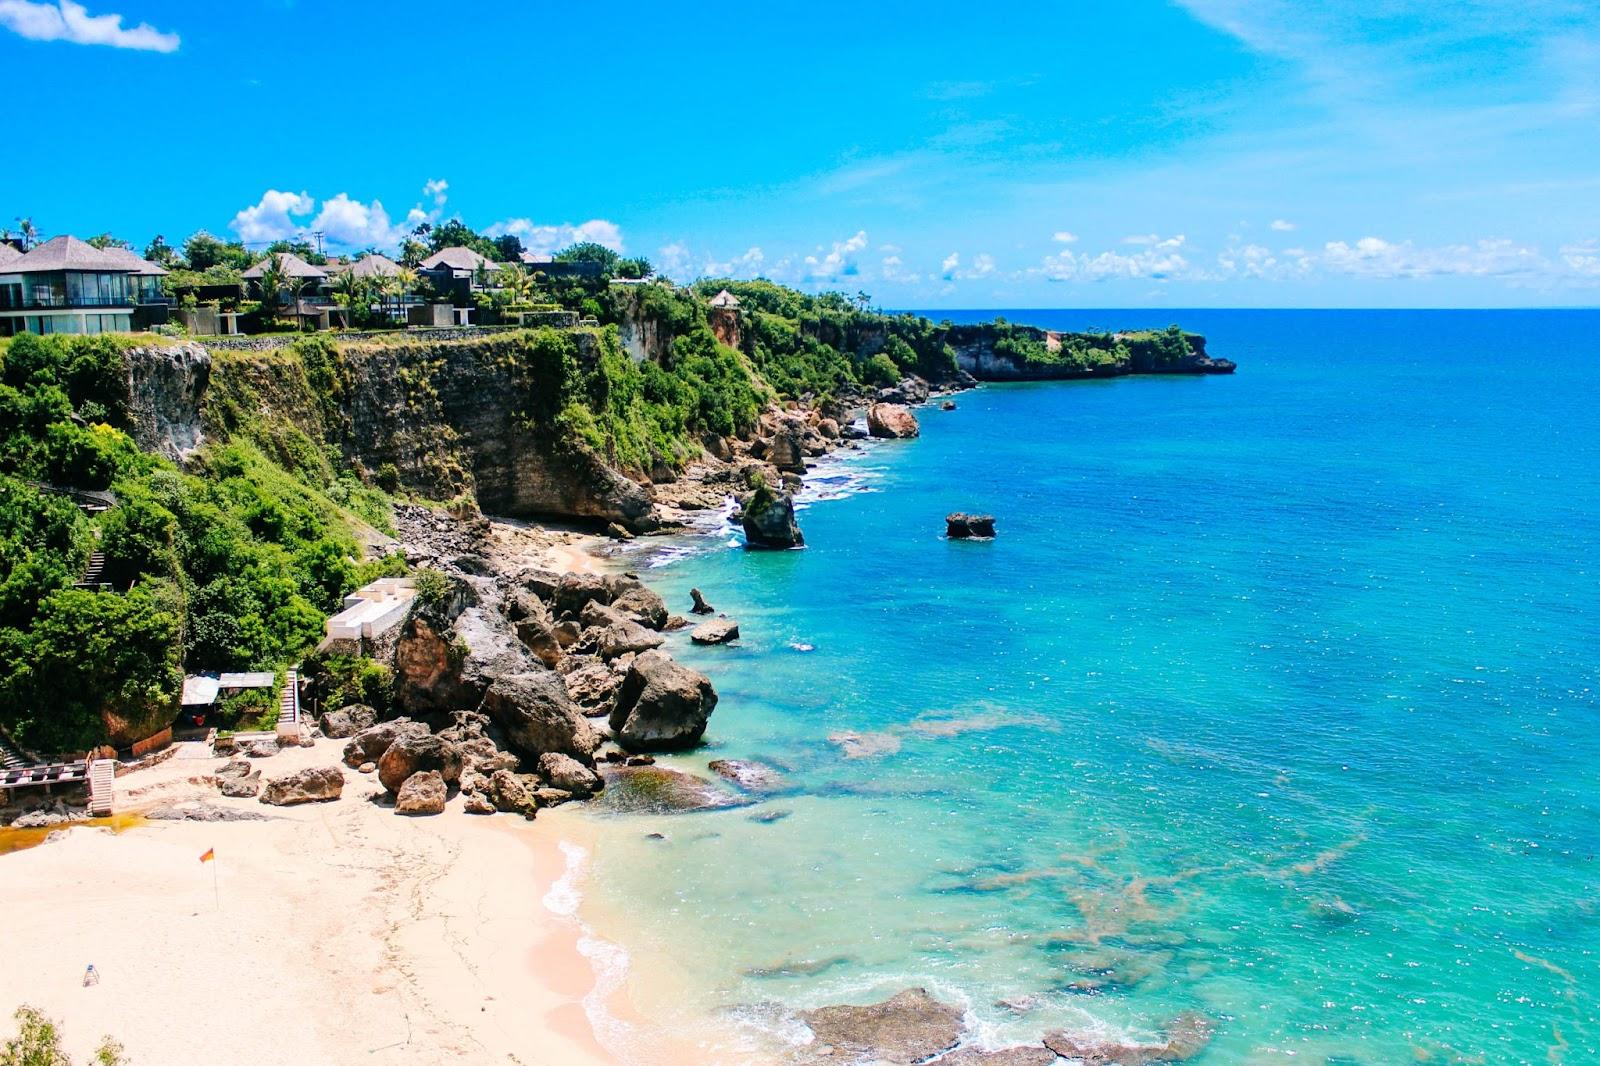 các bãi biển đẹp ở Bali 1